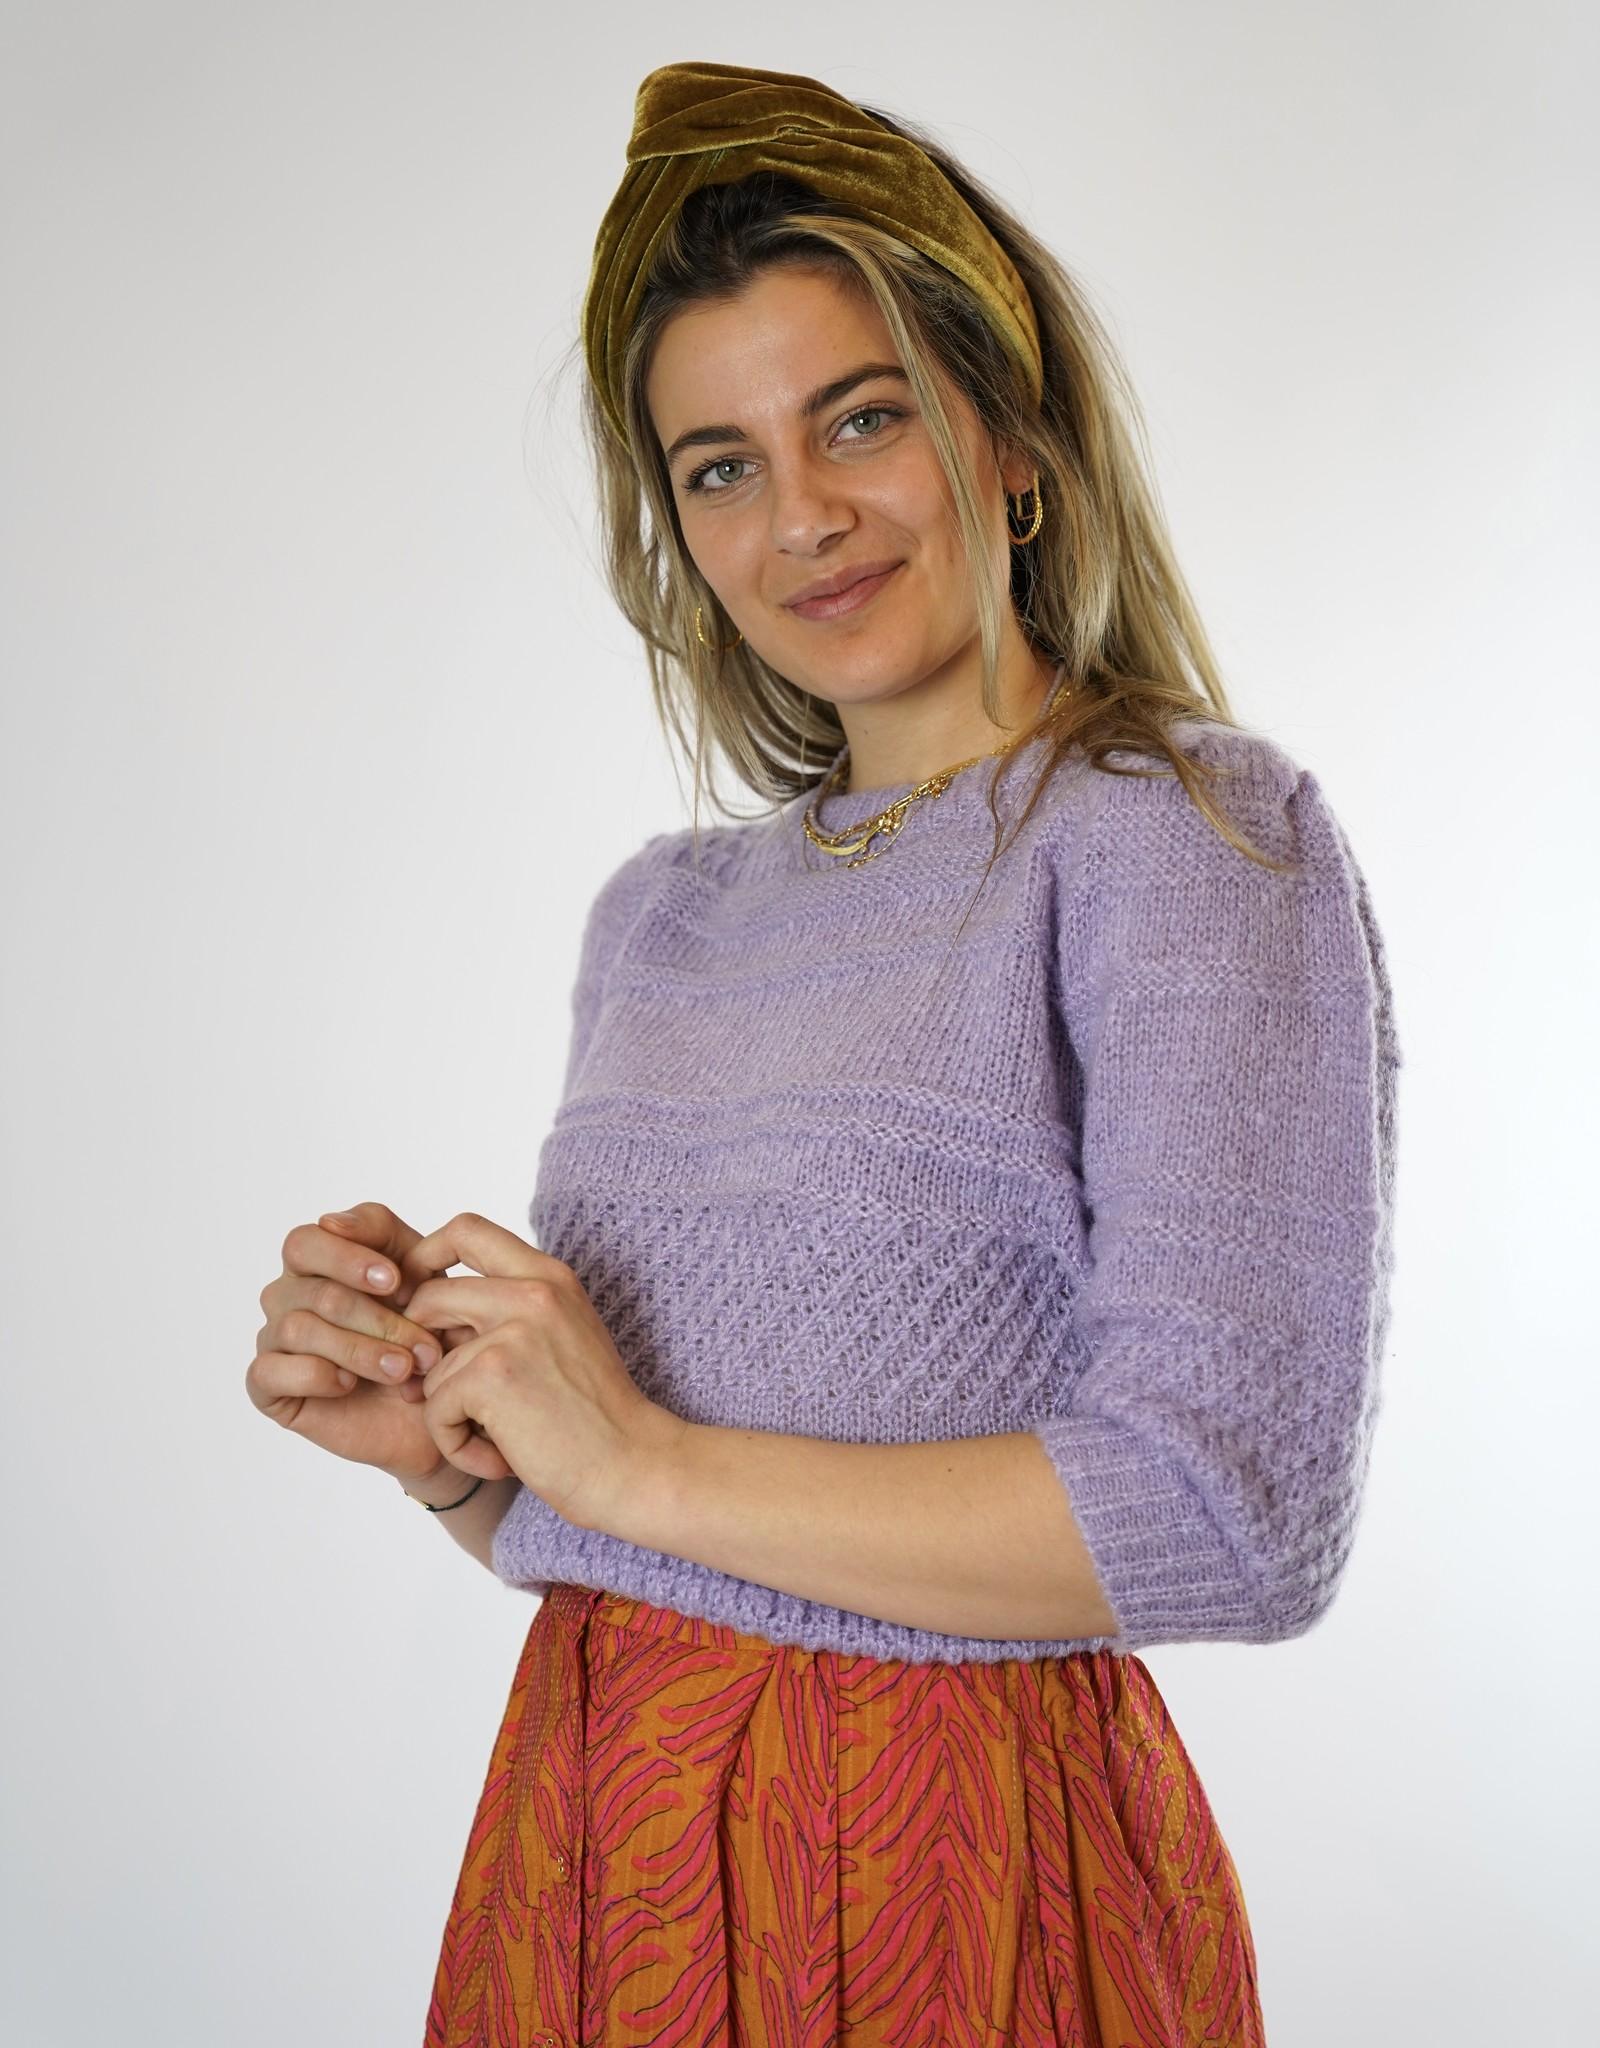 FRNCH FRNCH-Nemophila Sweater